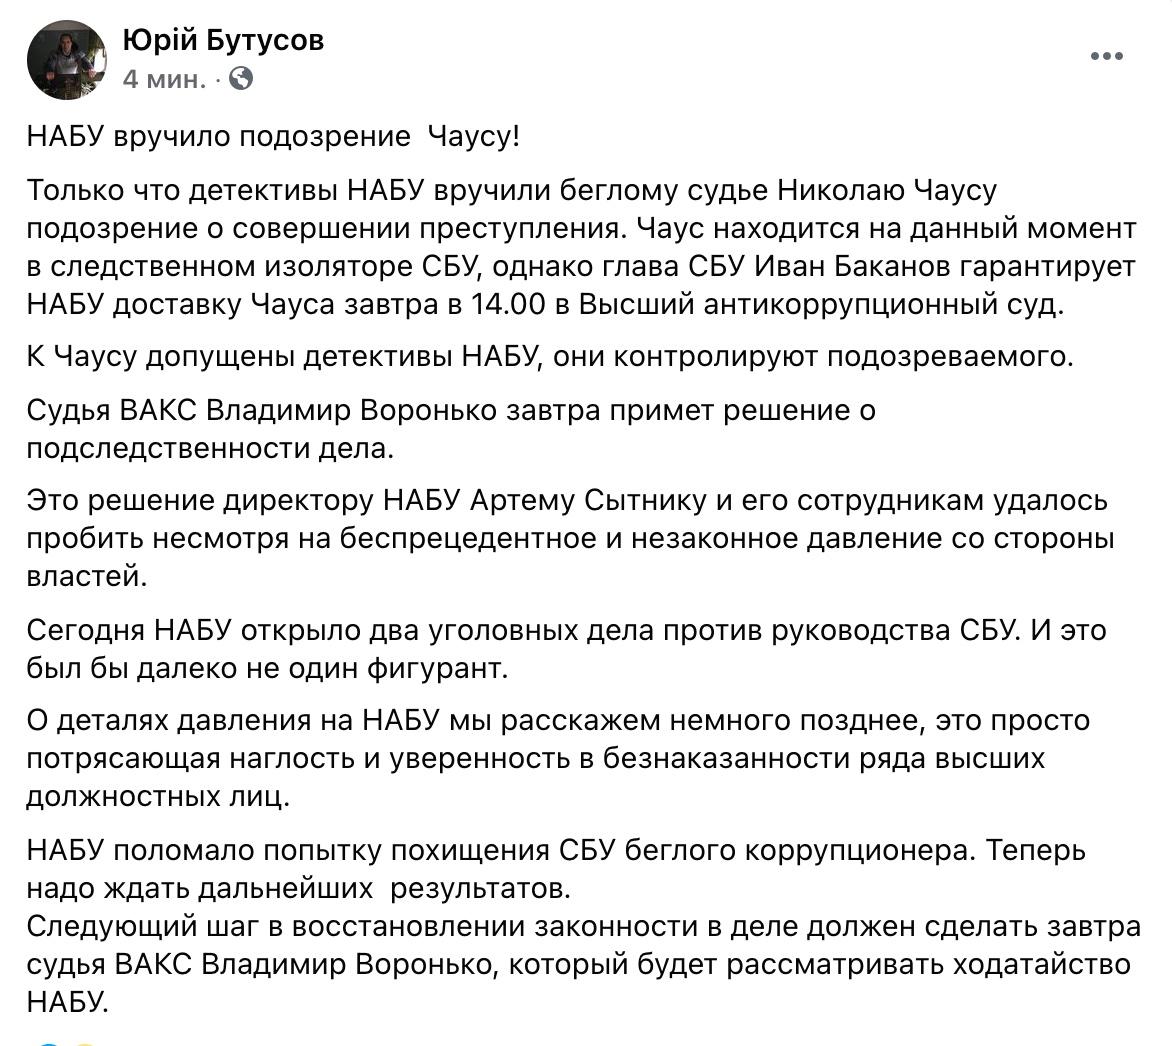 НАБУ вручило Чаусу повестку. Бутусов говорит, что Бюро пришлось открывать дела против СБУ